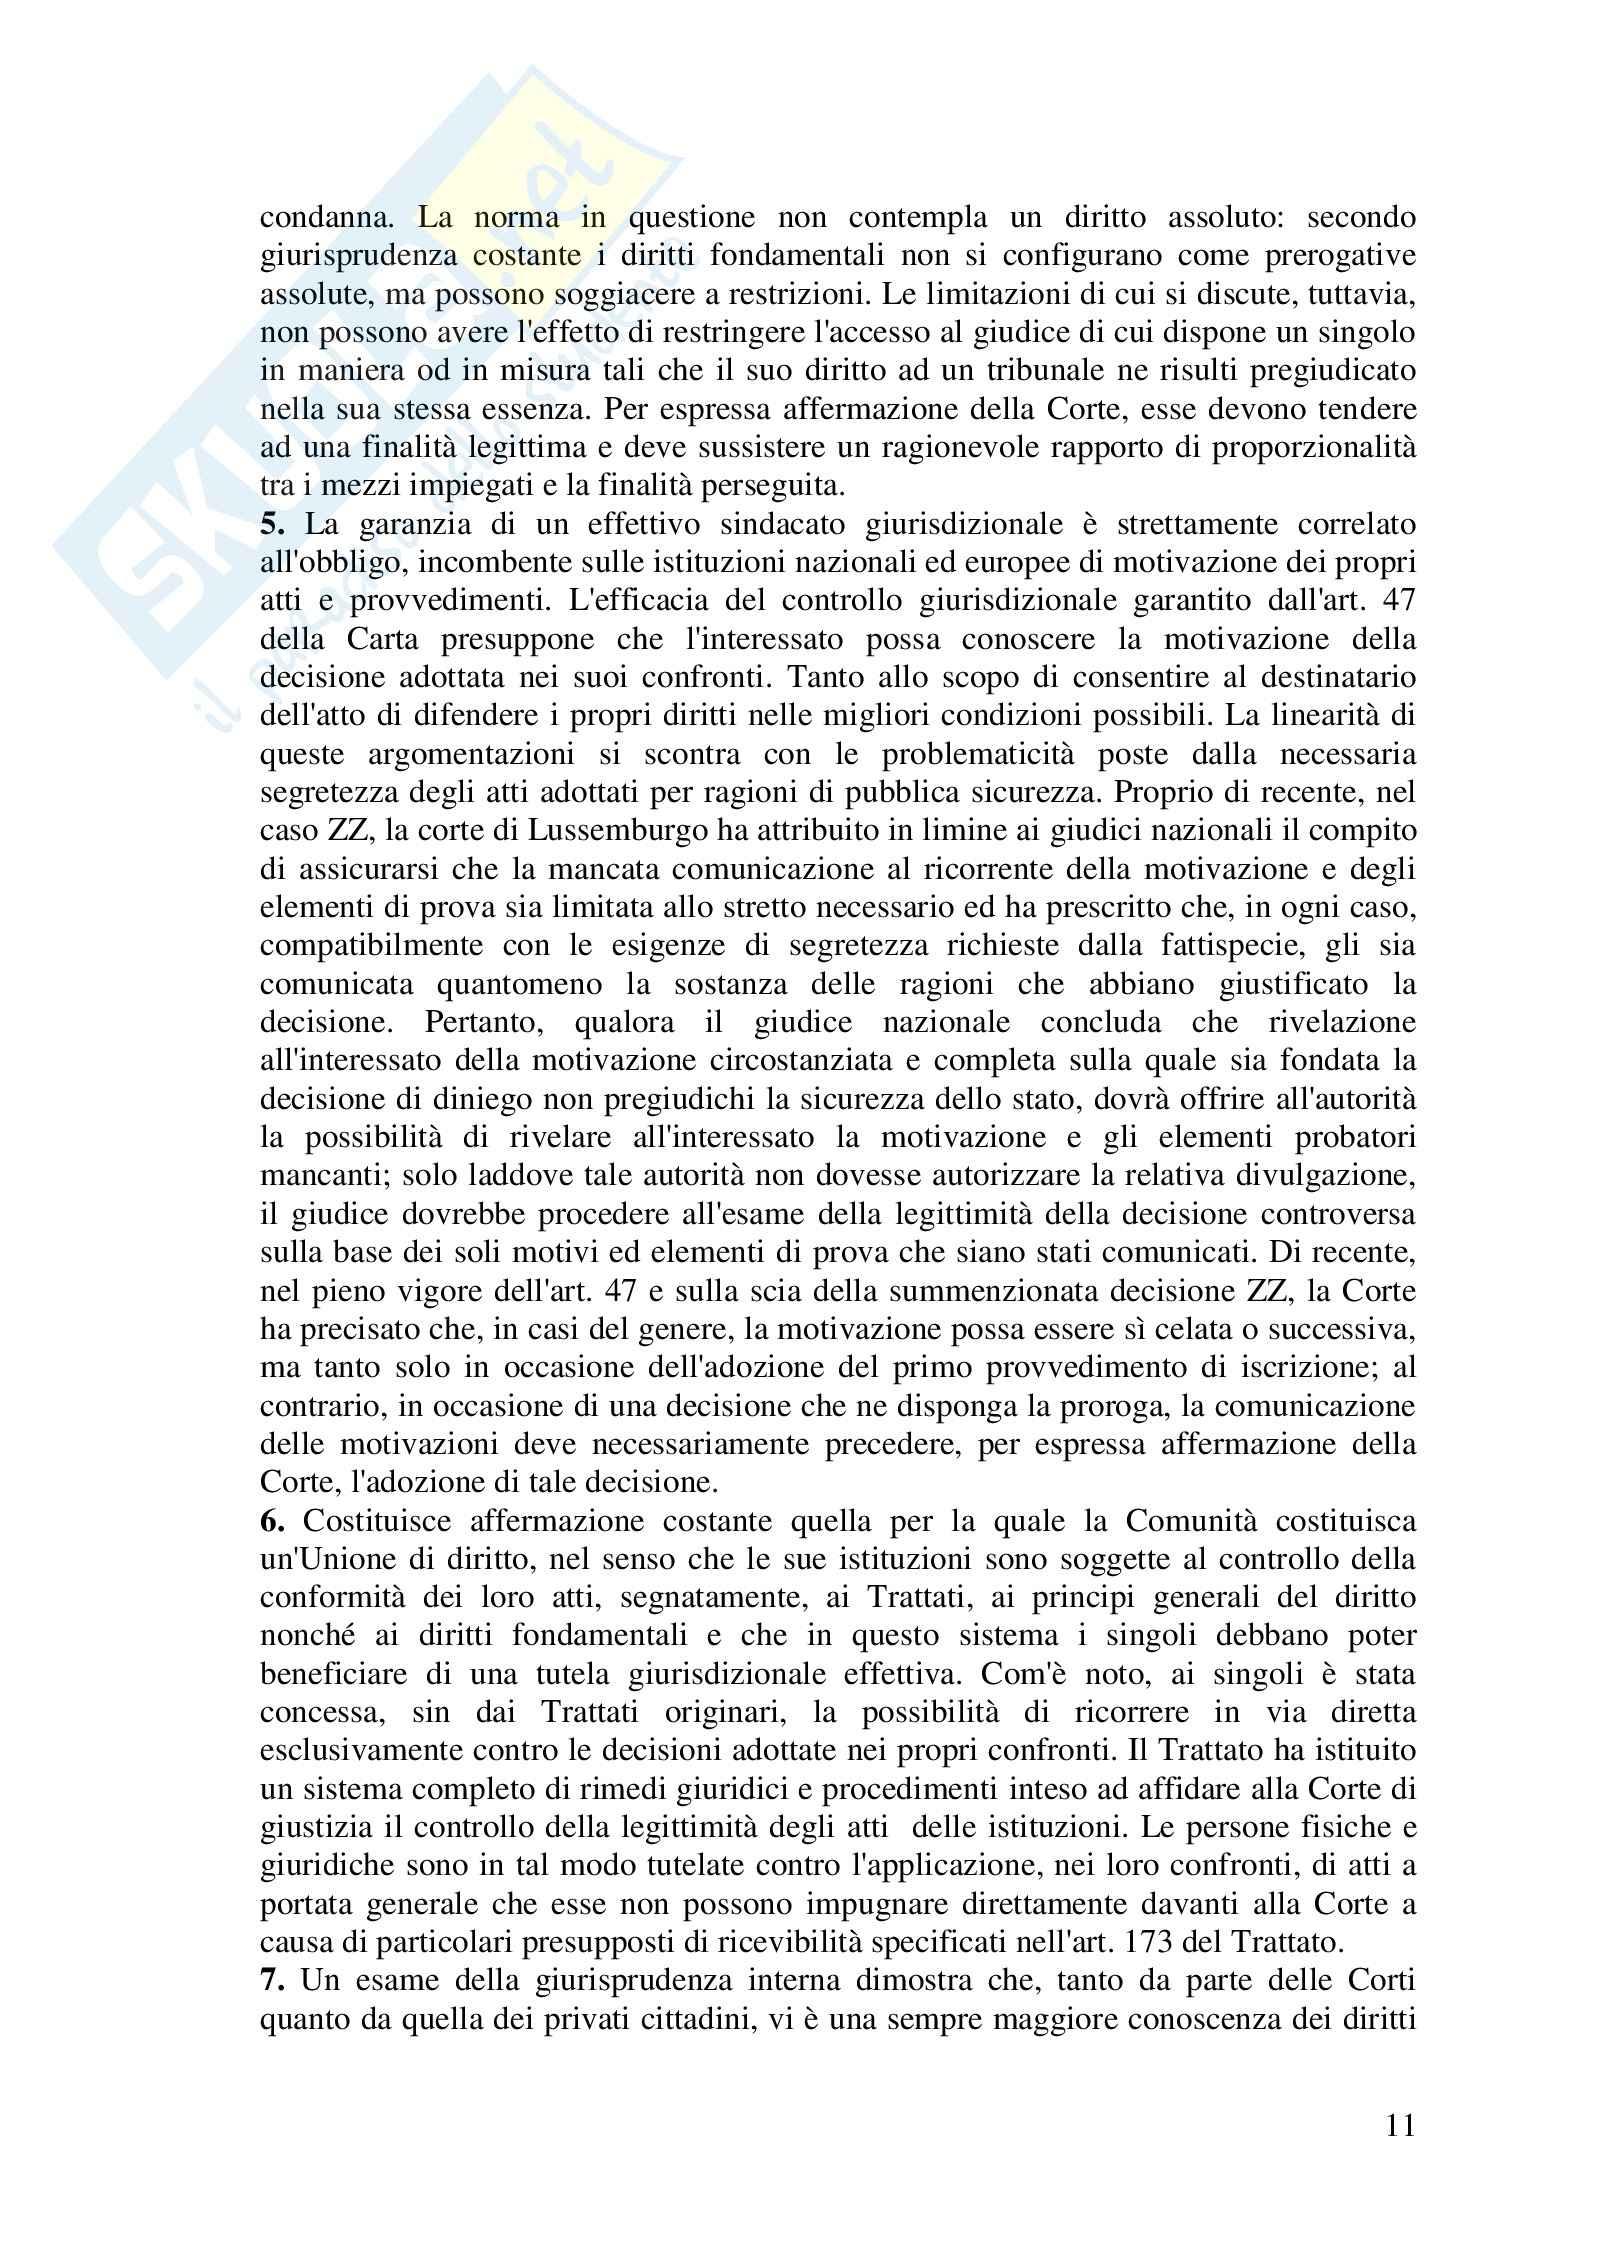 Riassunto esame Diritto dell'UE, prof. Di Stasi, Spazio europeo e diritti di giustizia Pag. 11